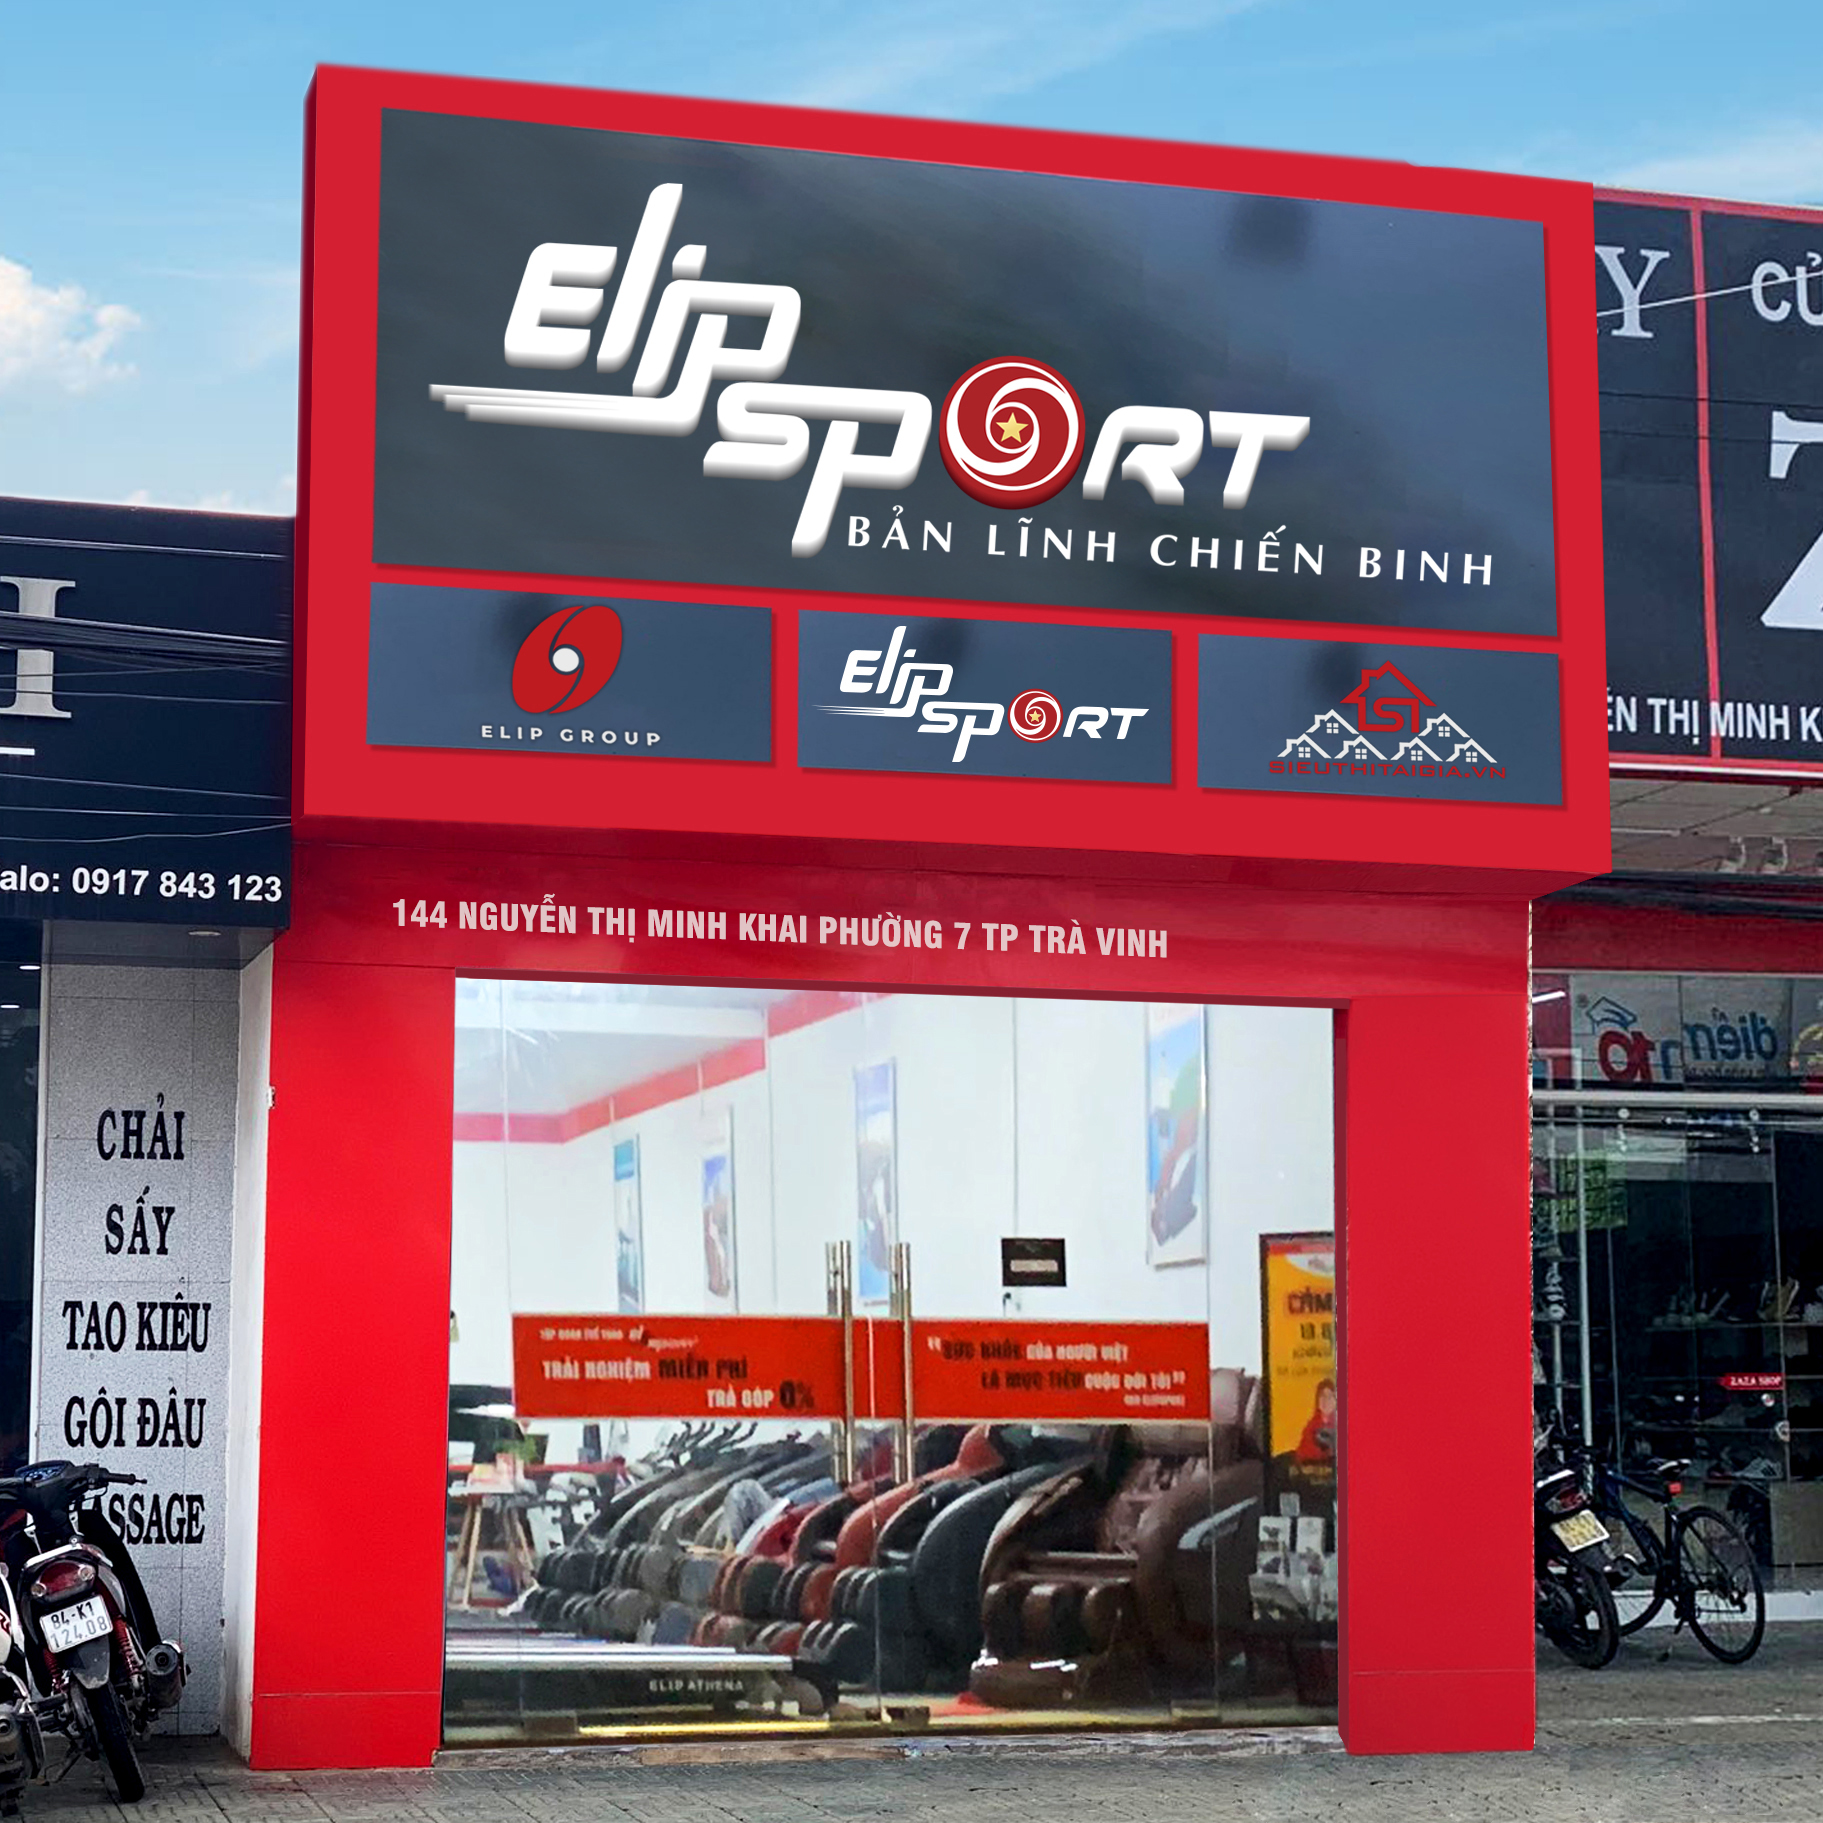 Hình ảnh của chi nhánh Elipsport Trà Vinh